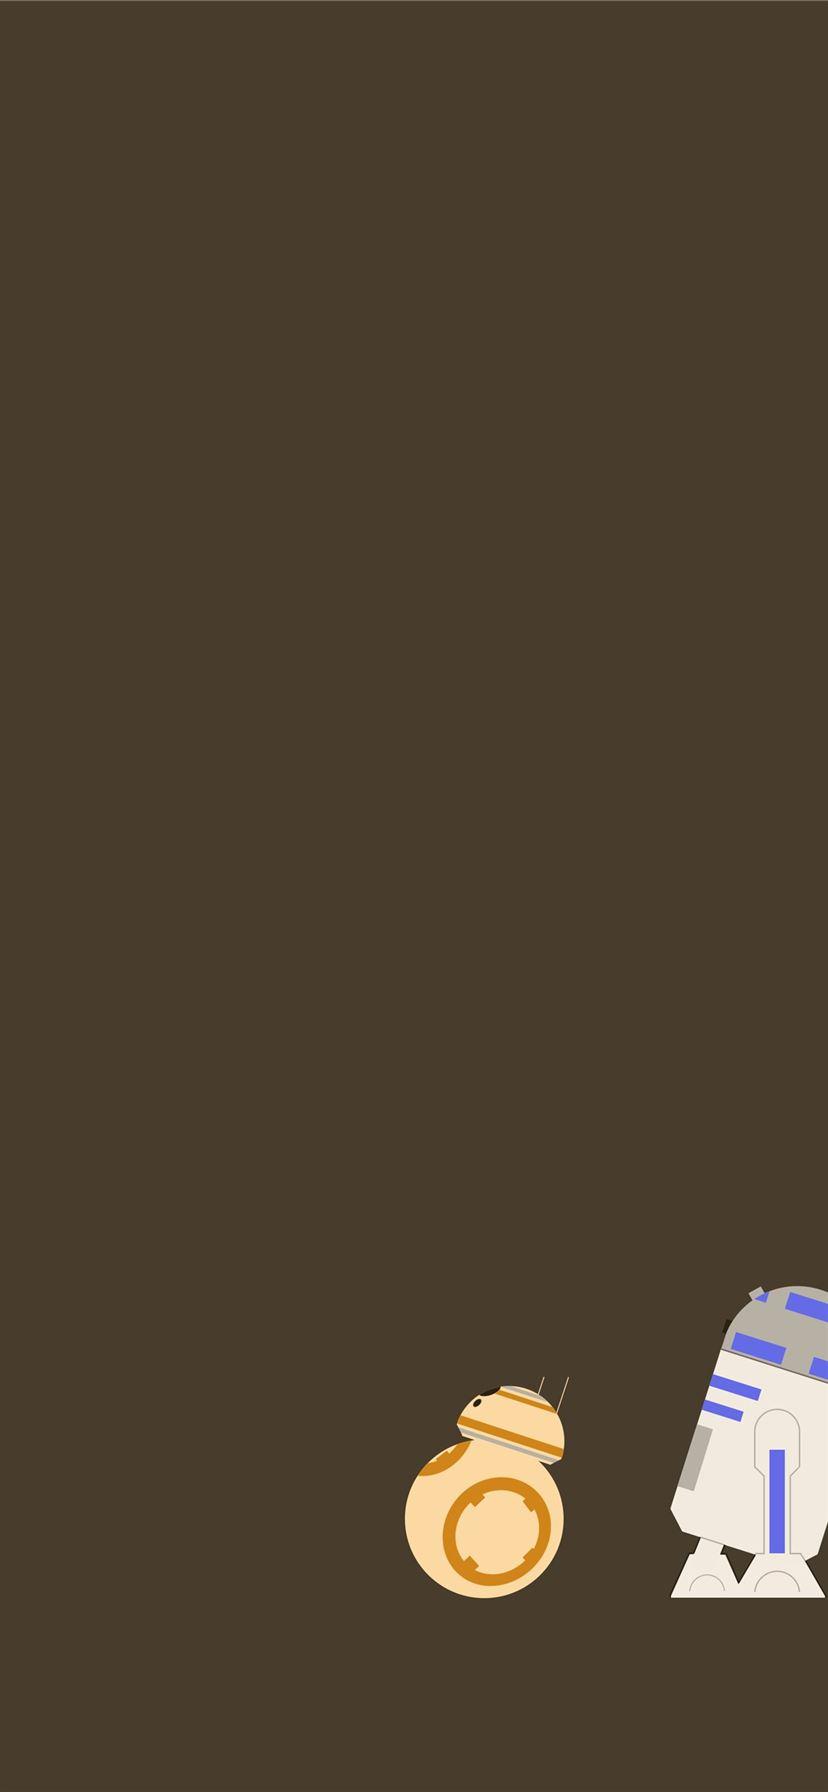 Best Minimalist star wars iPhone 11 Wallpapers HD [2020 ...